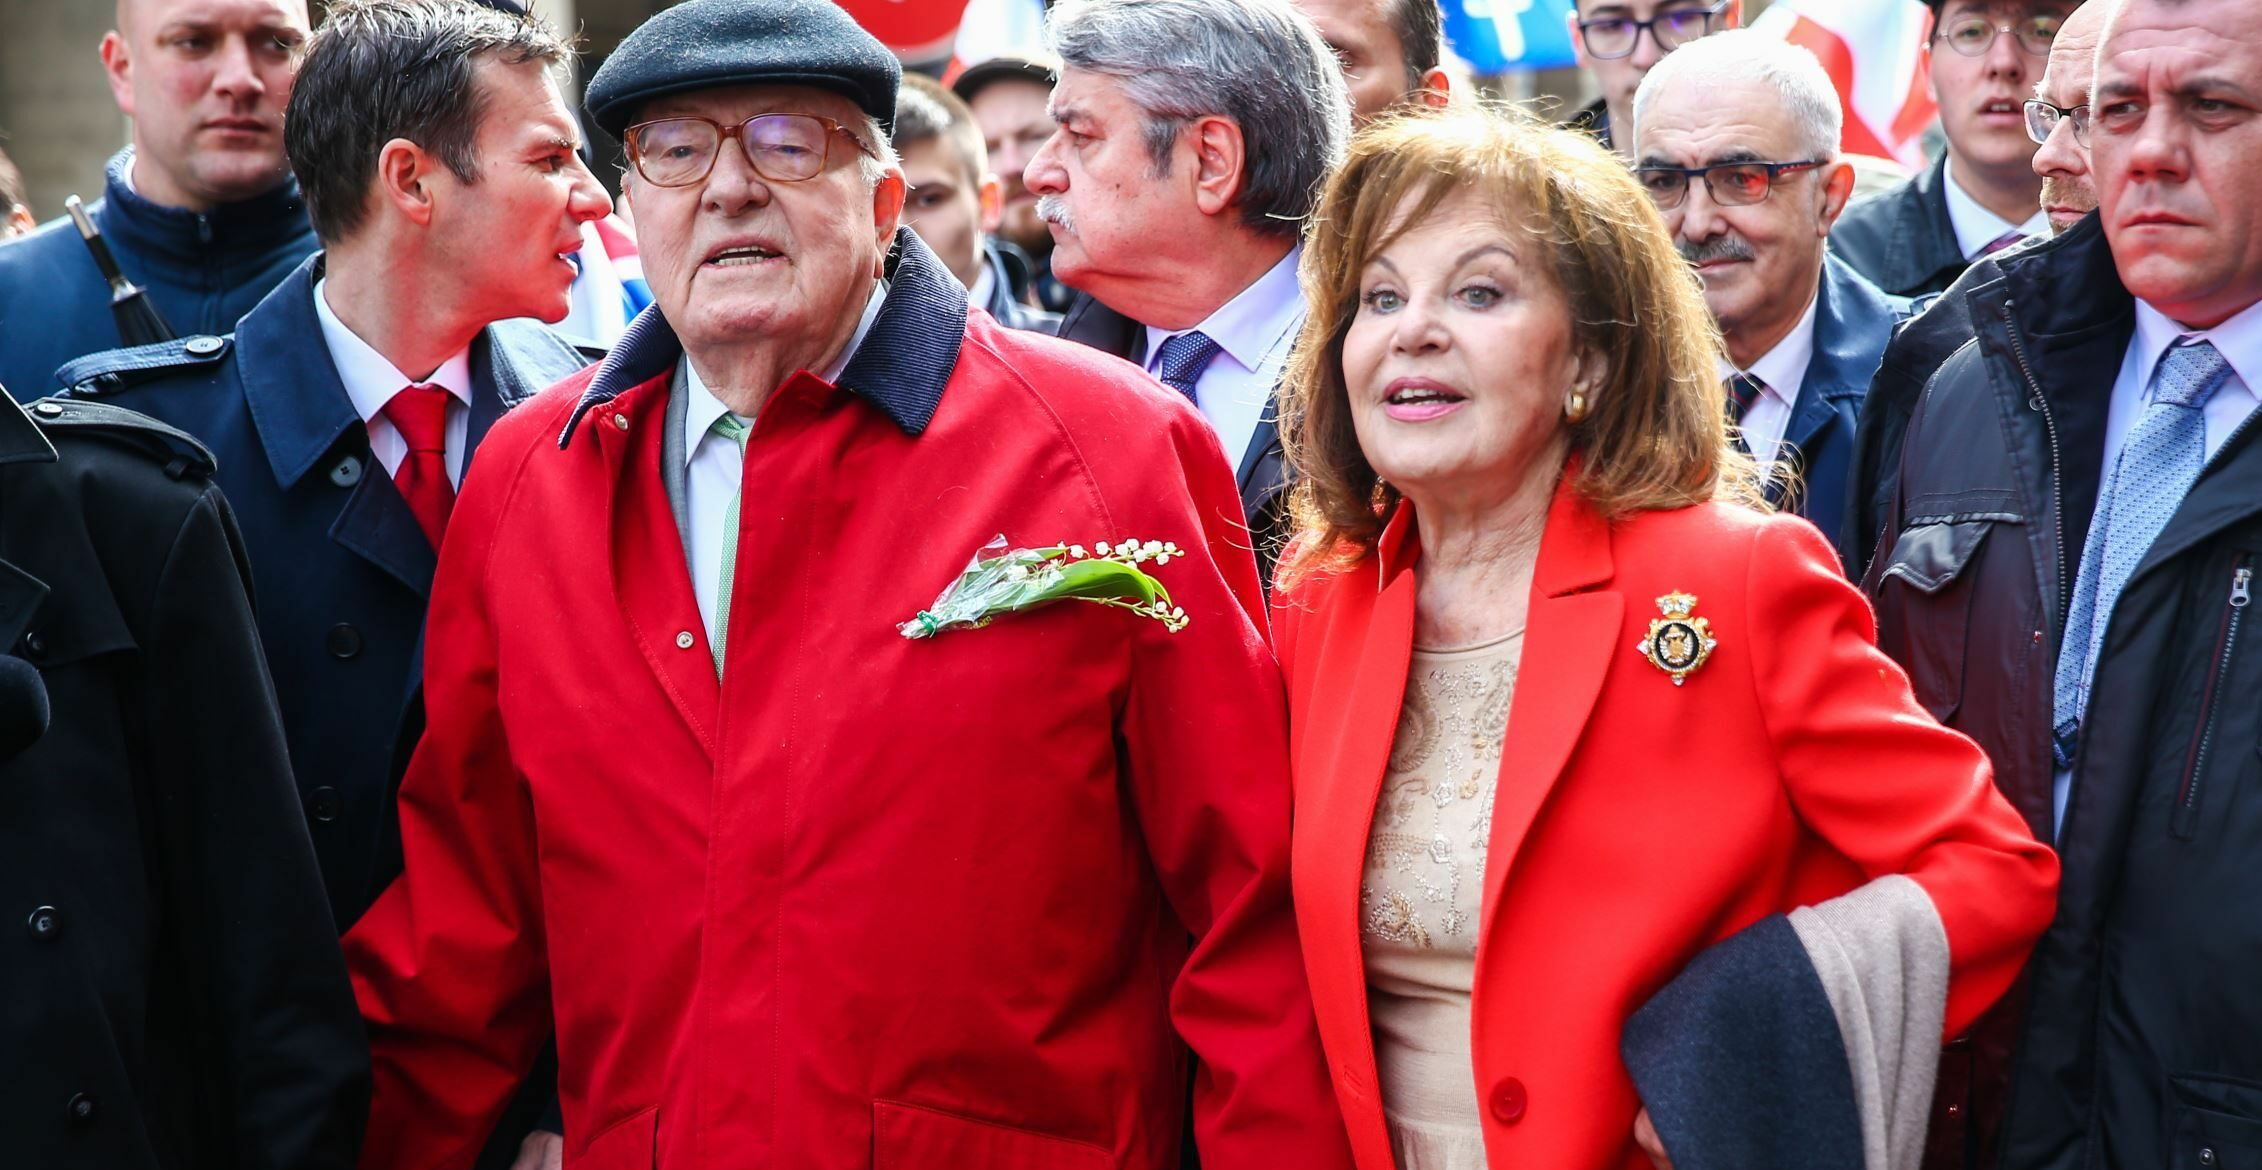 """Jean-Marie Le Pen s'est marié en secret : Son clan sous le choc """"Apprendre cela par voie de presse est humiliant et blessant"""""""